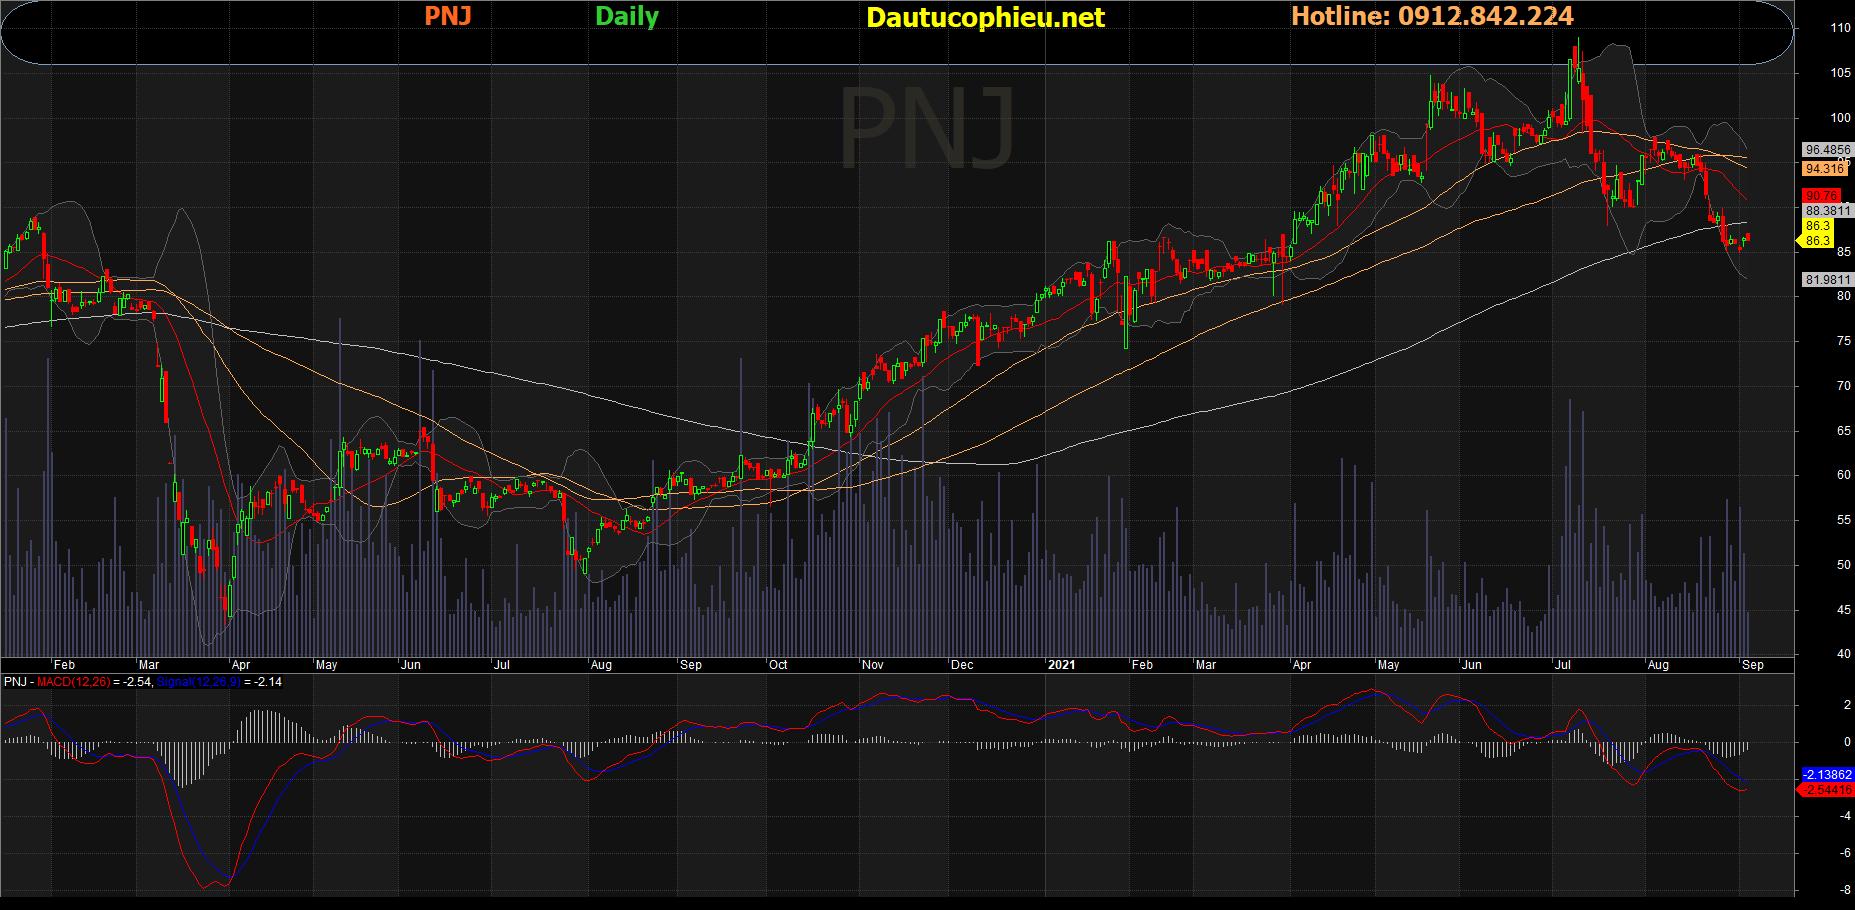 Đồ thị cổ phiếu PNJ phiên giao dịch ngày 07/09/2021. Nguồn: AmiBroker